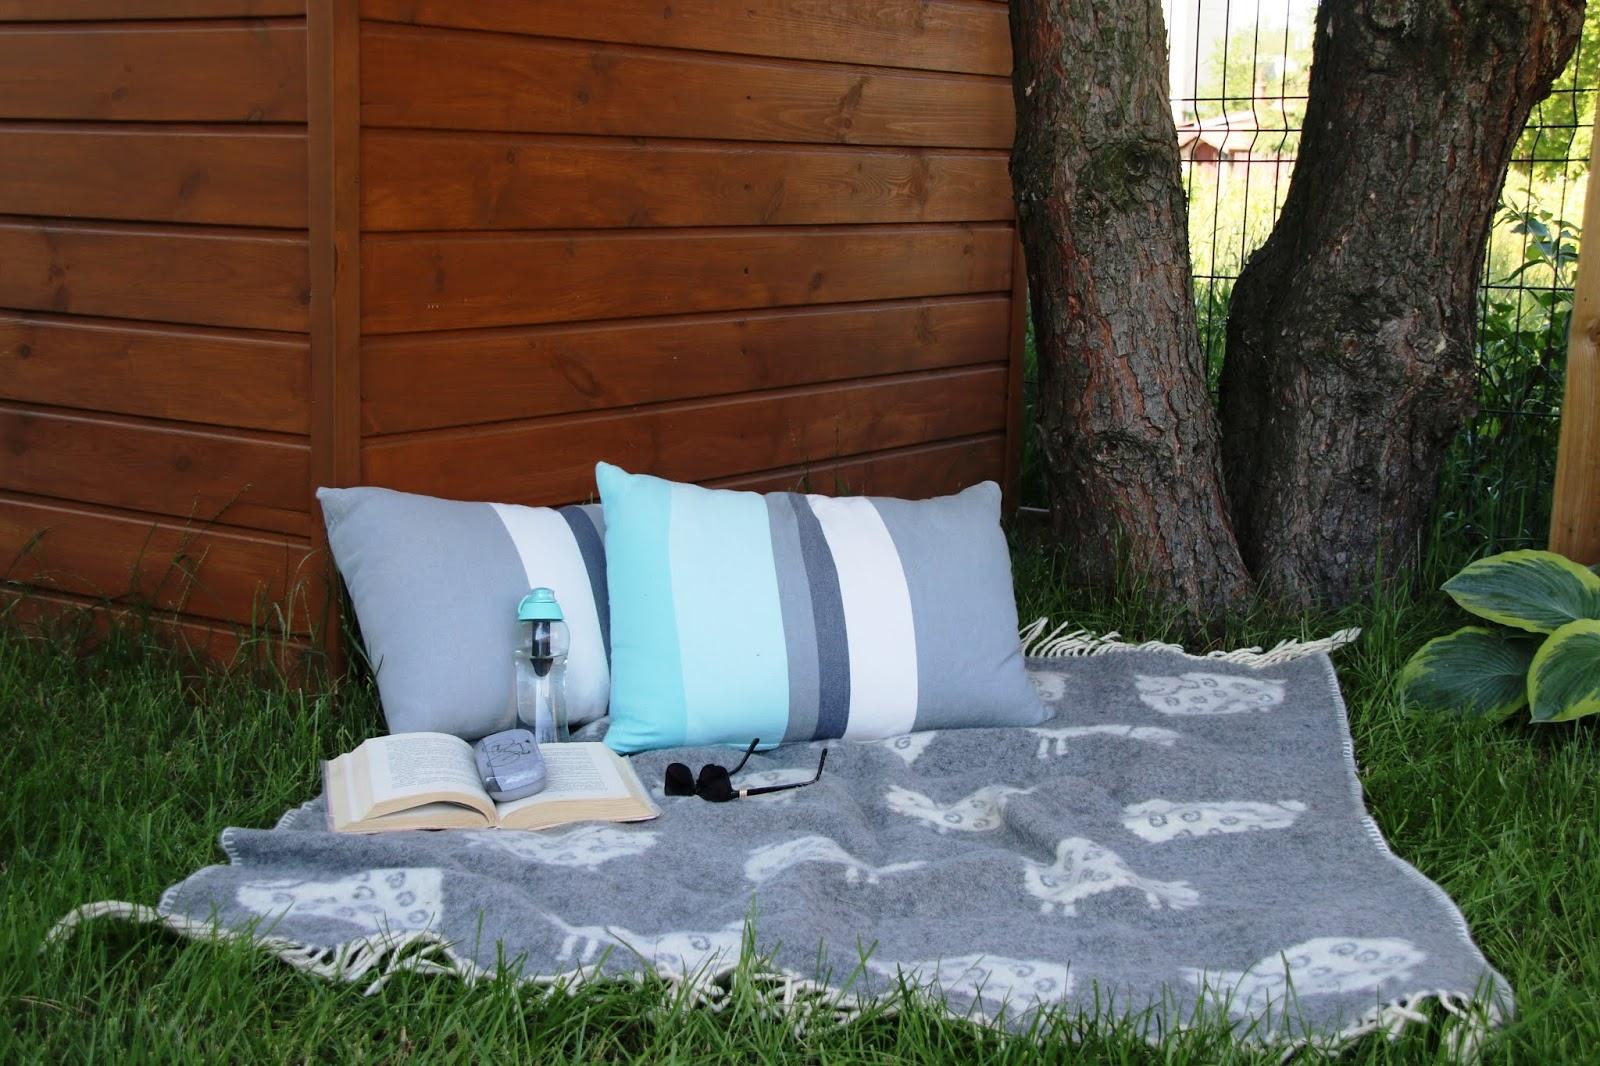 ogrod-koc-wypoczynek-relax